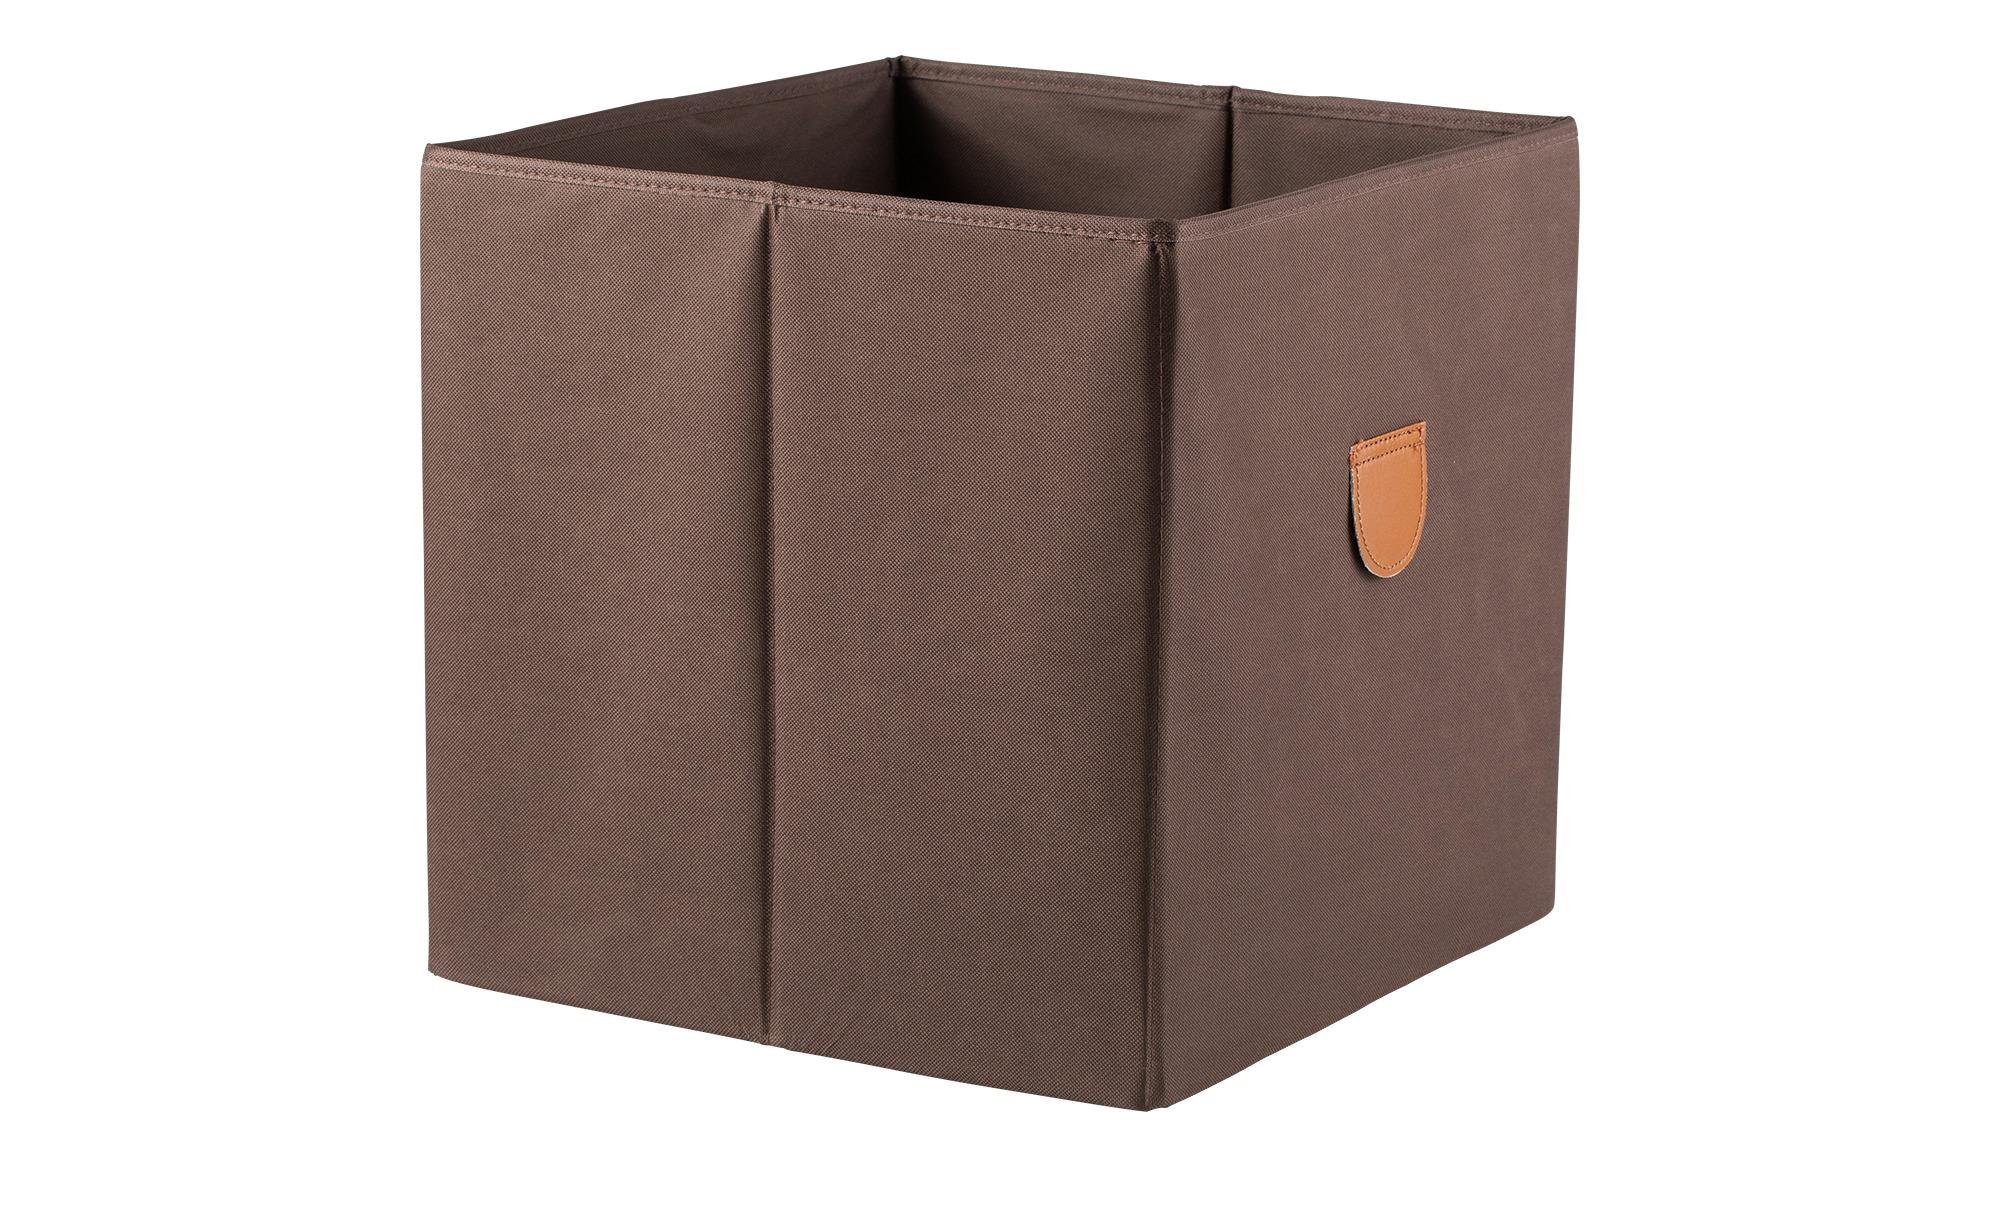 Regalbox ¦ braun ¦ Pappe, Polyester ¦ Maße (cm): B: 34 H: 34 T: 34 Regale > Regal-Aufbewahrungsboxen - Höffner